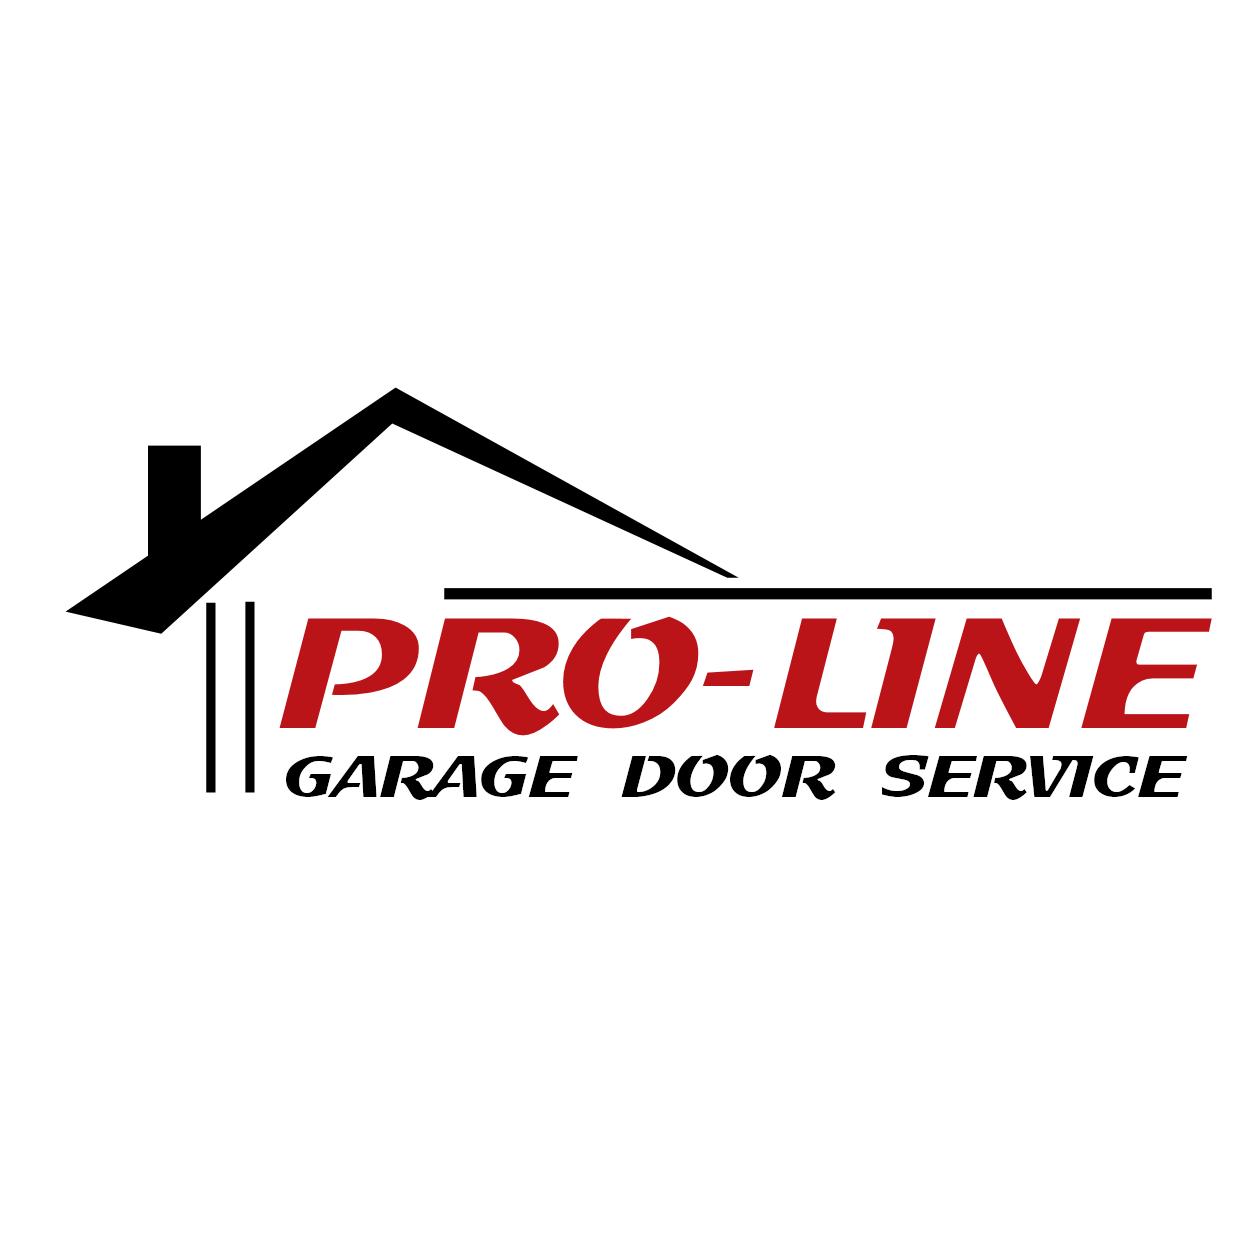 Pro-Line Garage Door Service